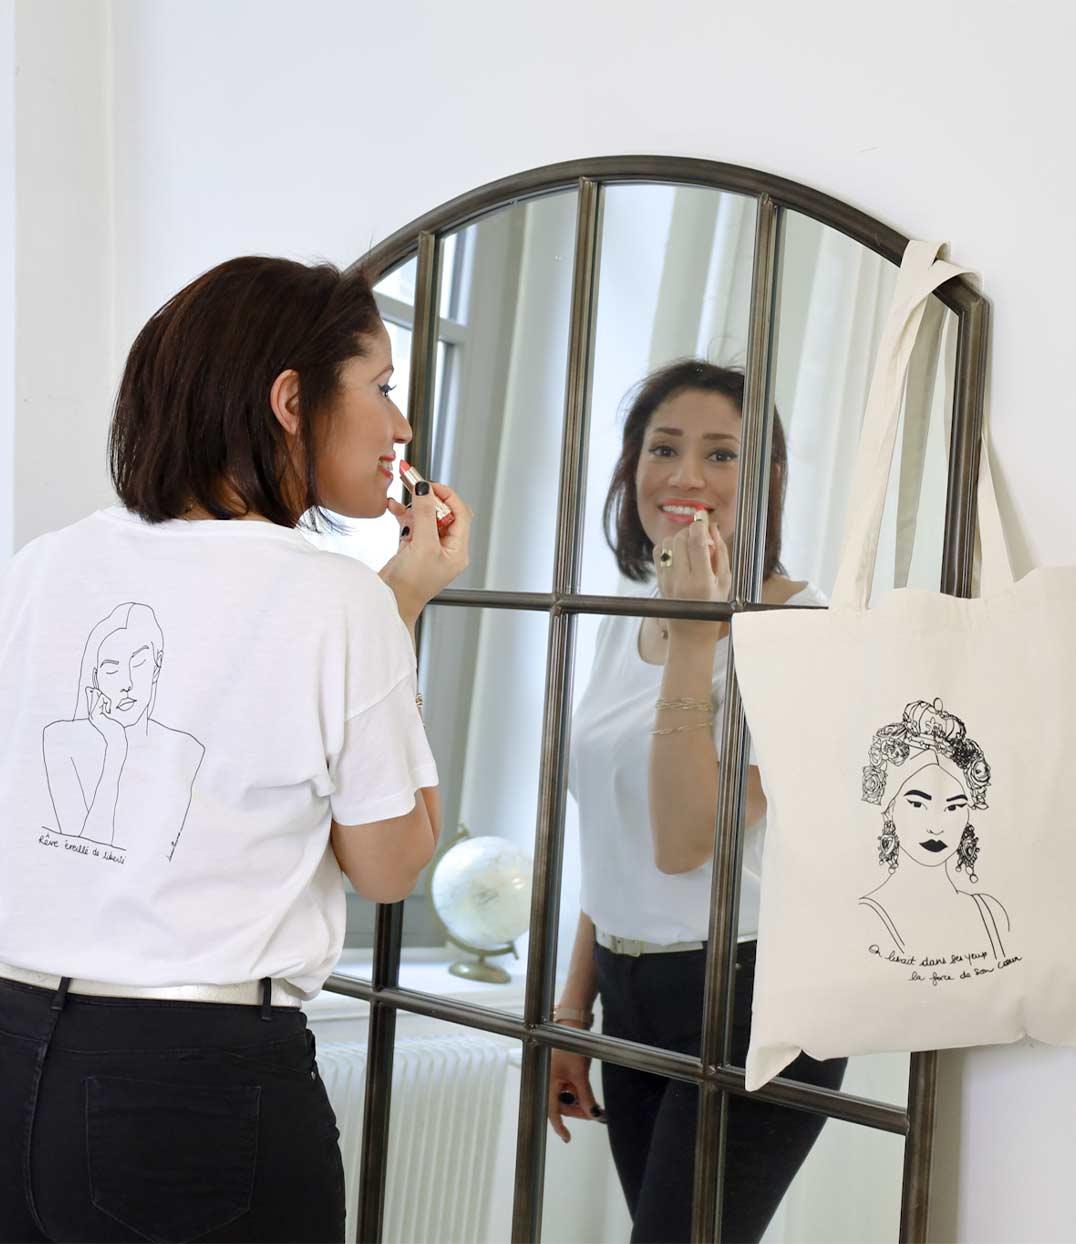 femme devant le miroir portant le tshirt themis blanc loose de Leonor Roversi à coté d'un tote bag esperanza accroché